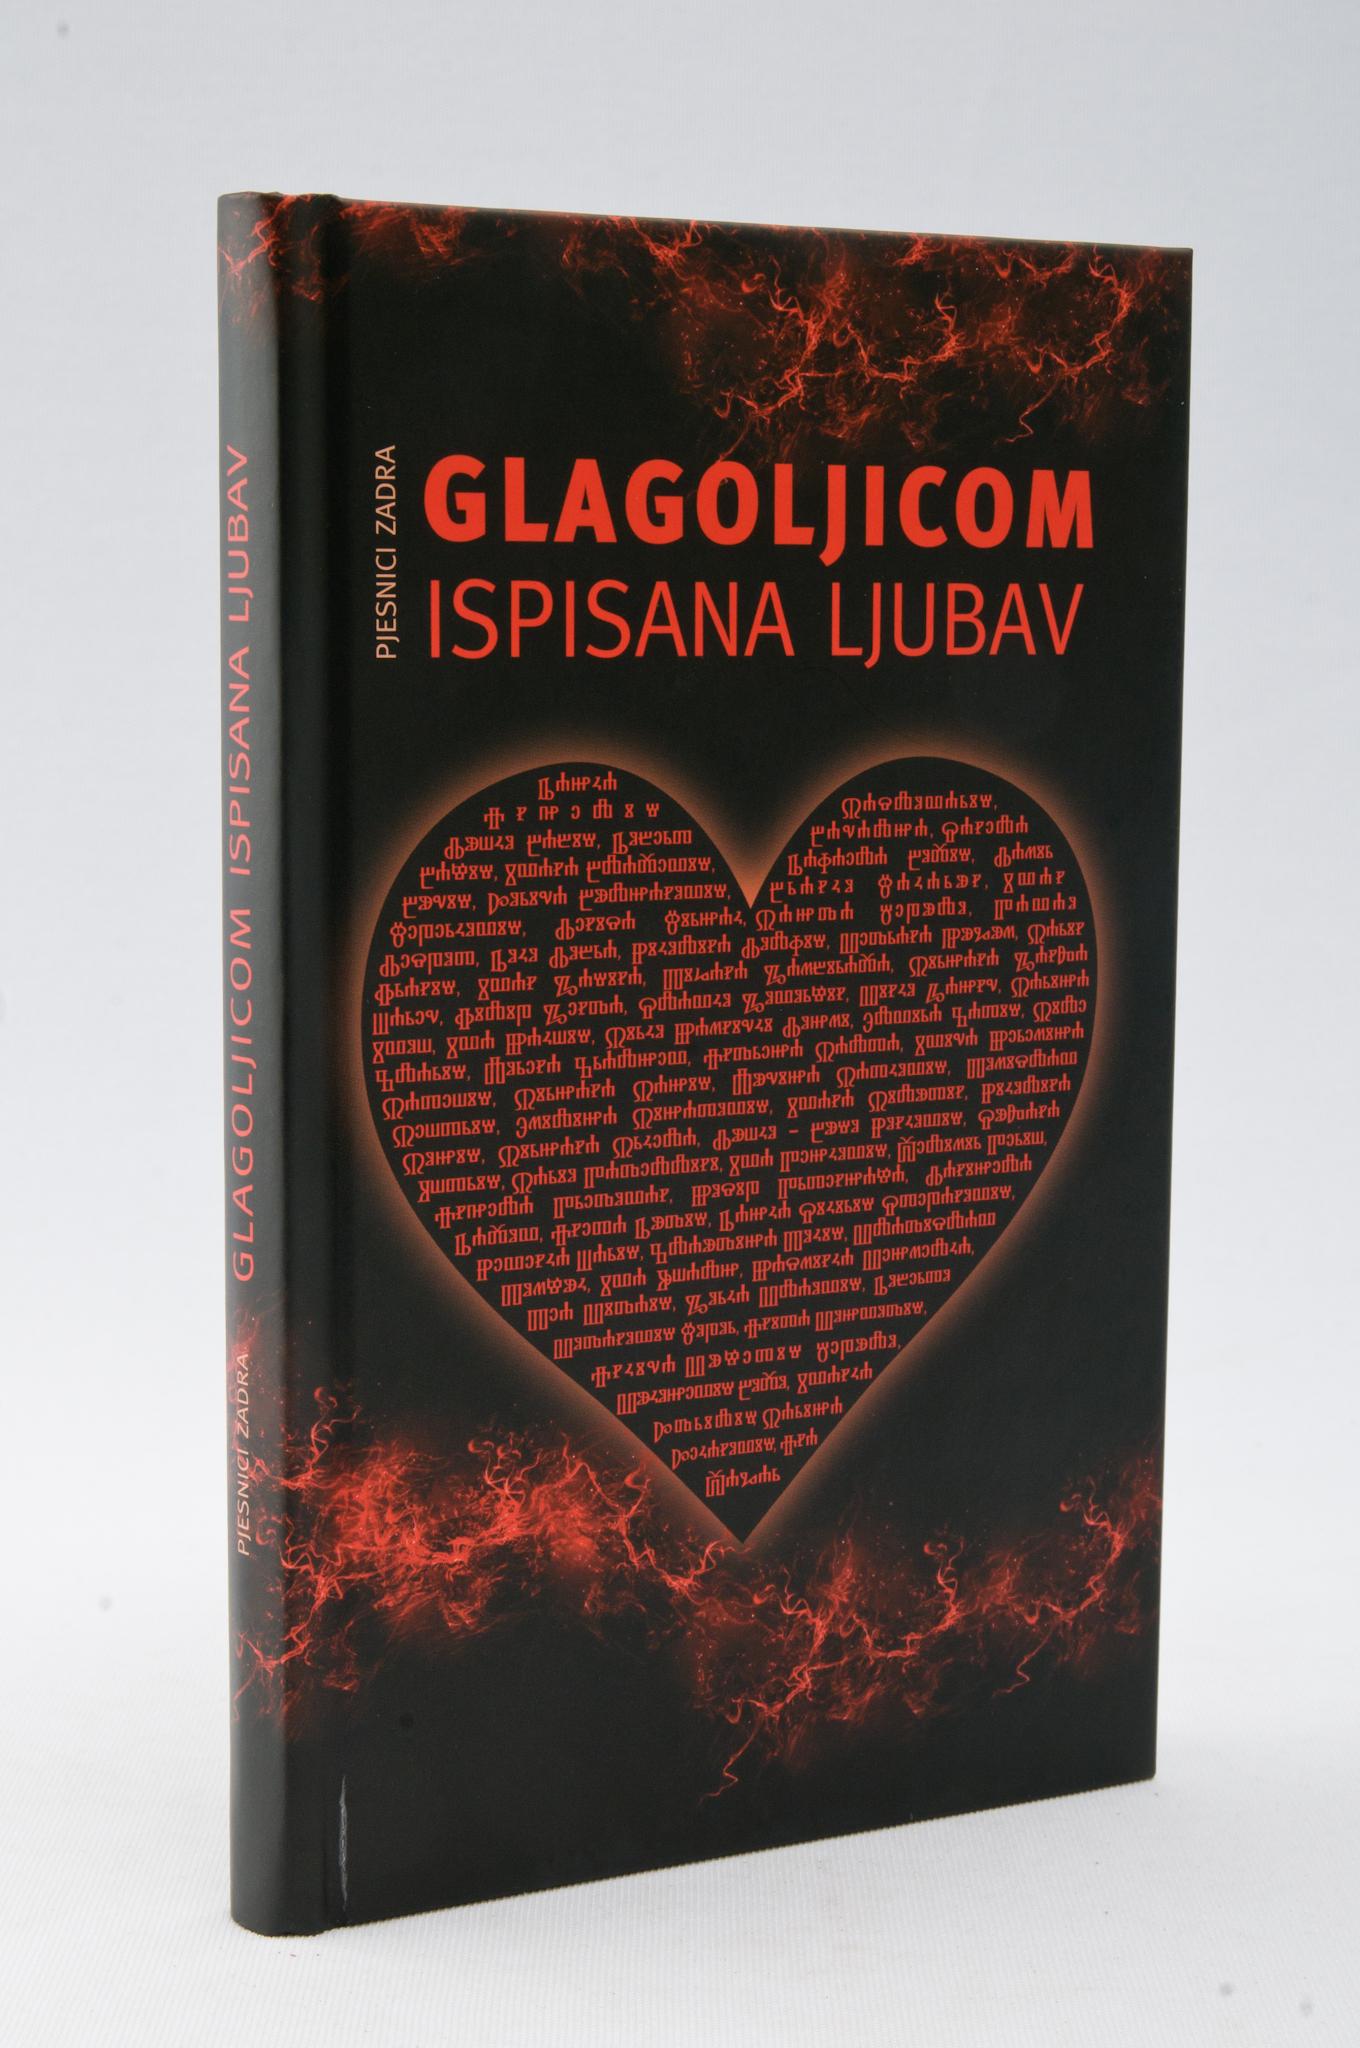 """Zbirka ljubavne poezije """"Glagoljicom ispisana ljubav""""."""